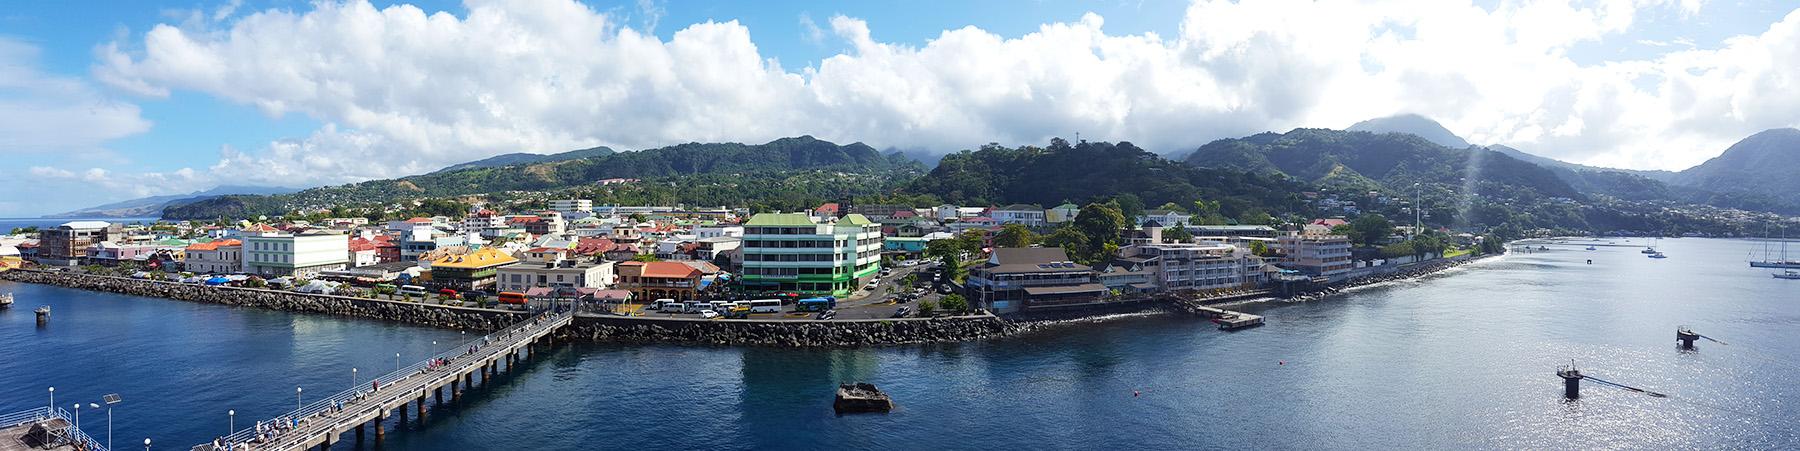 Kreuzfahrt Hafen Dominica